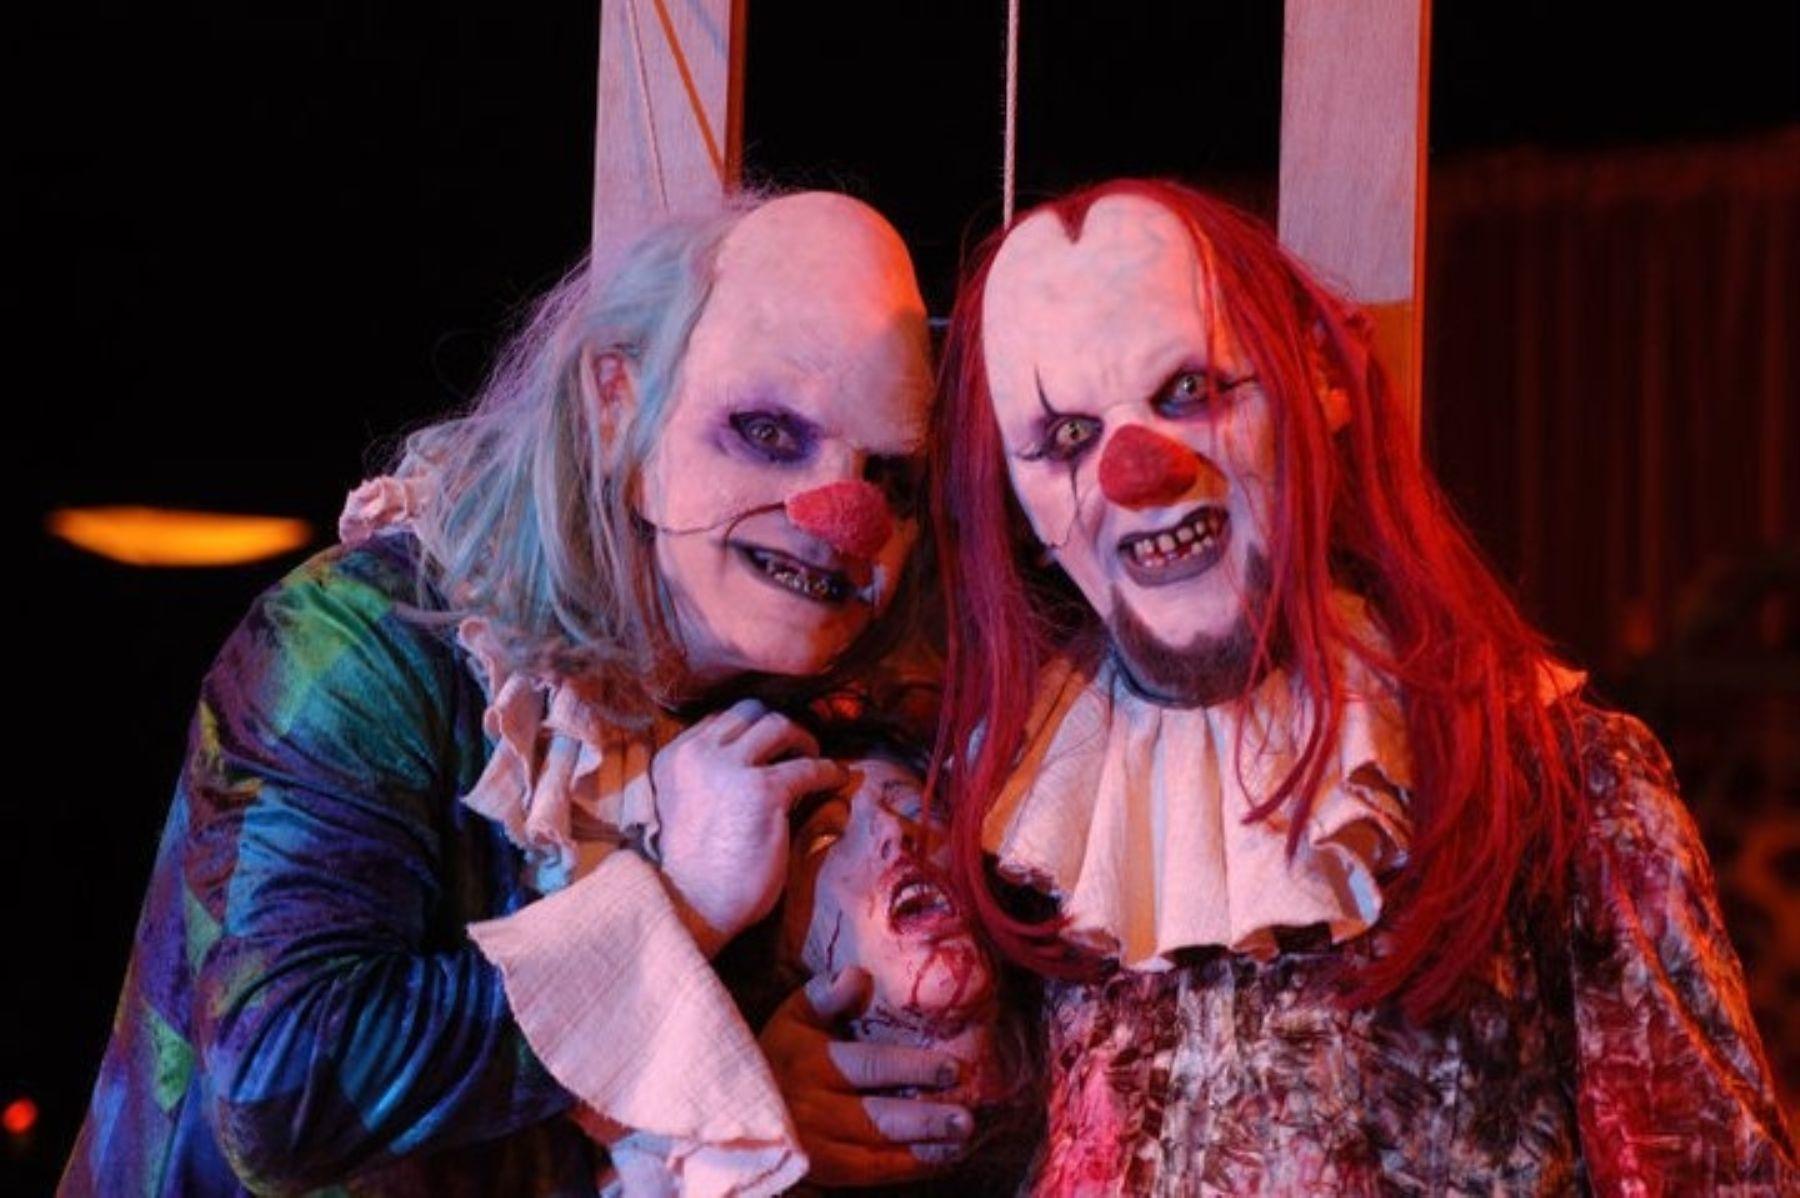 Personajes del Circo de los horrores.